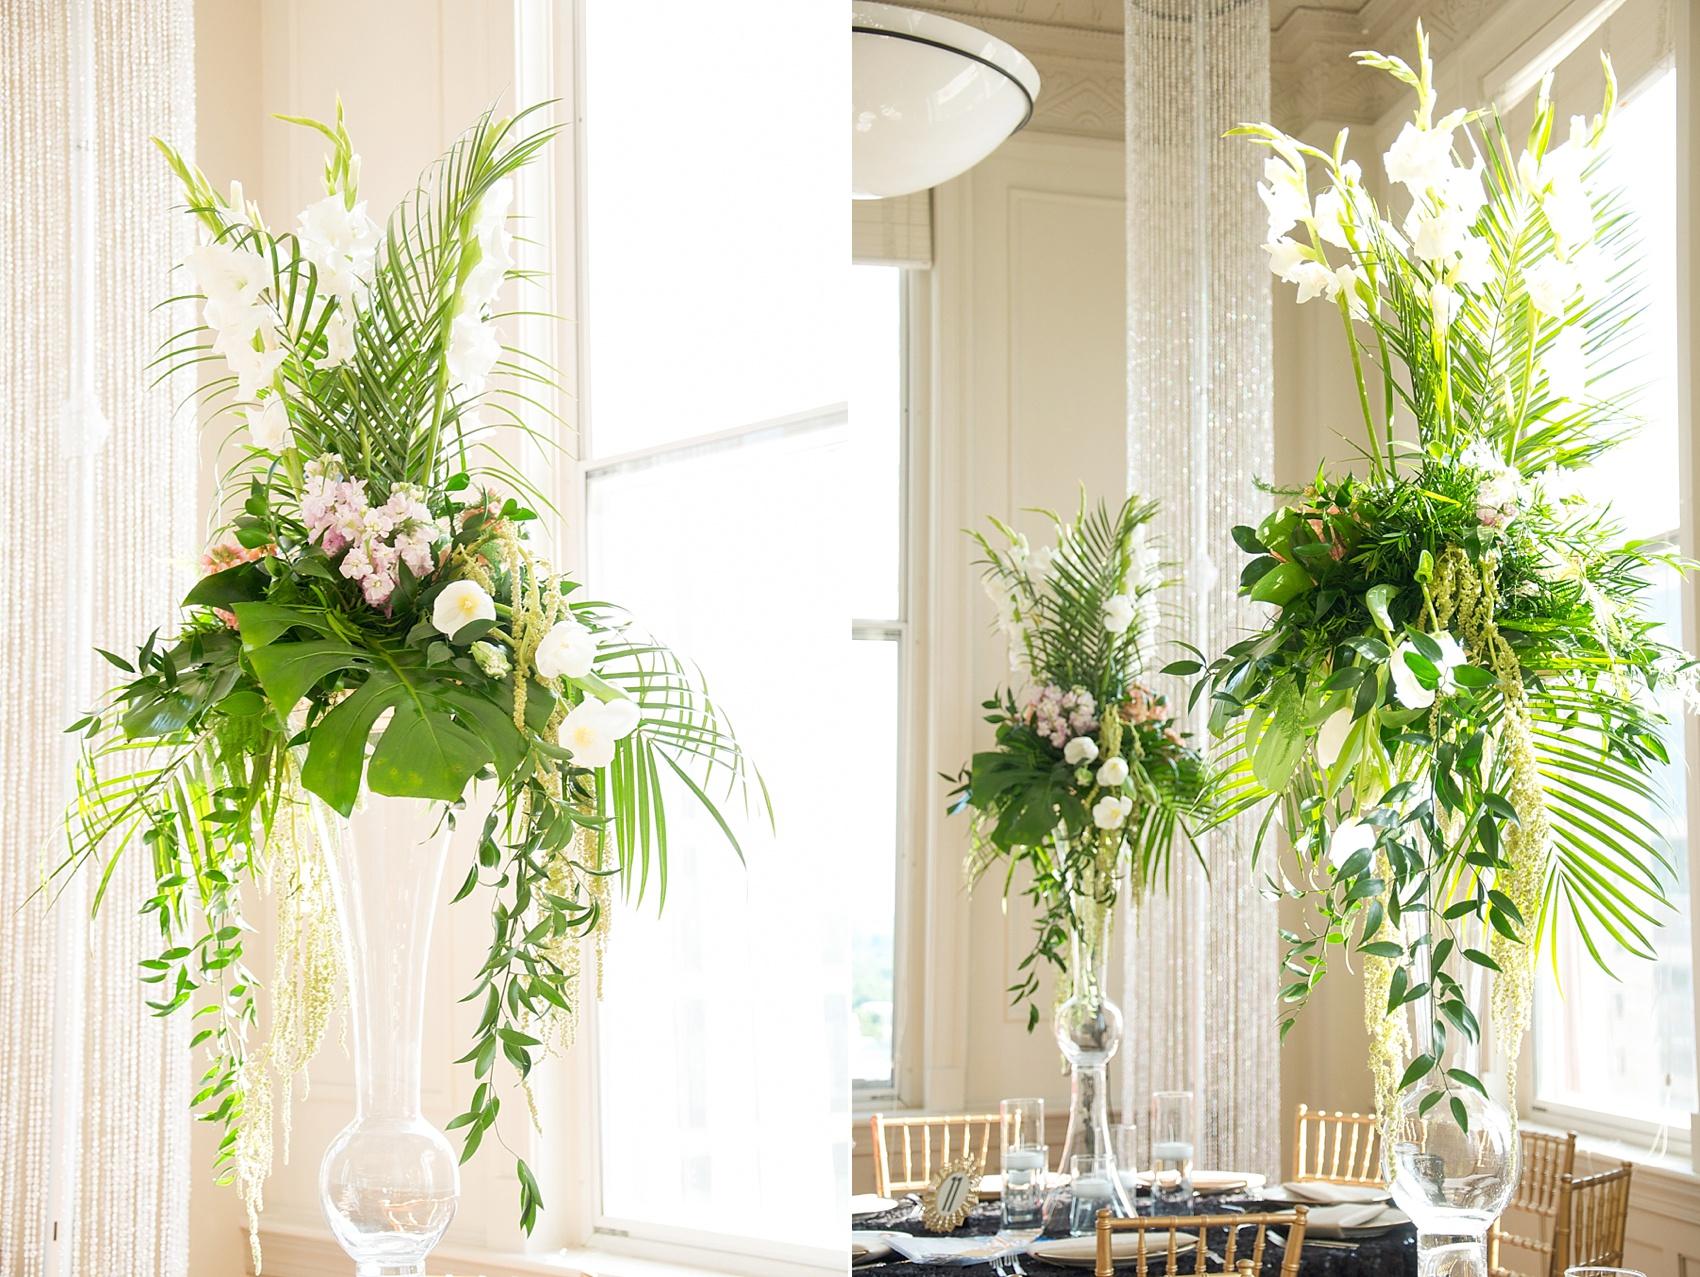 Raleigh Grand Ballroom Wedding Photos • Eclectic Sage Floral Design ...